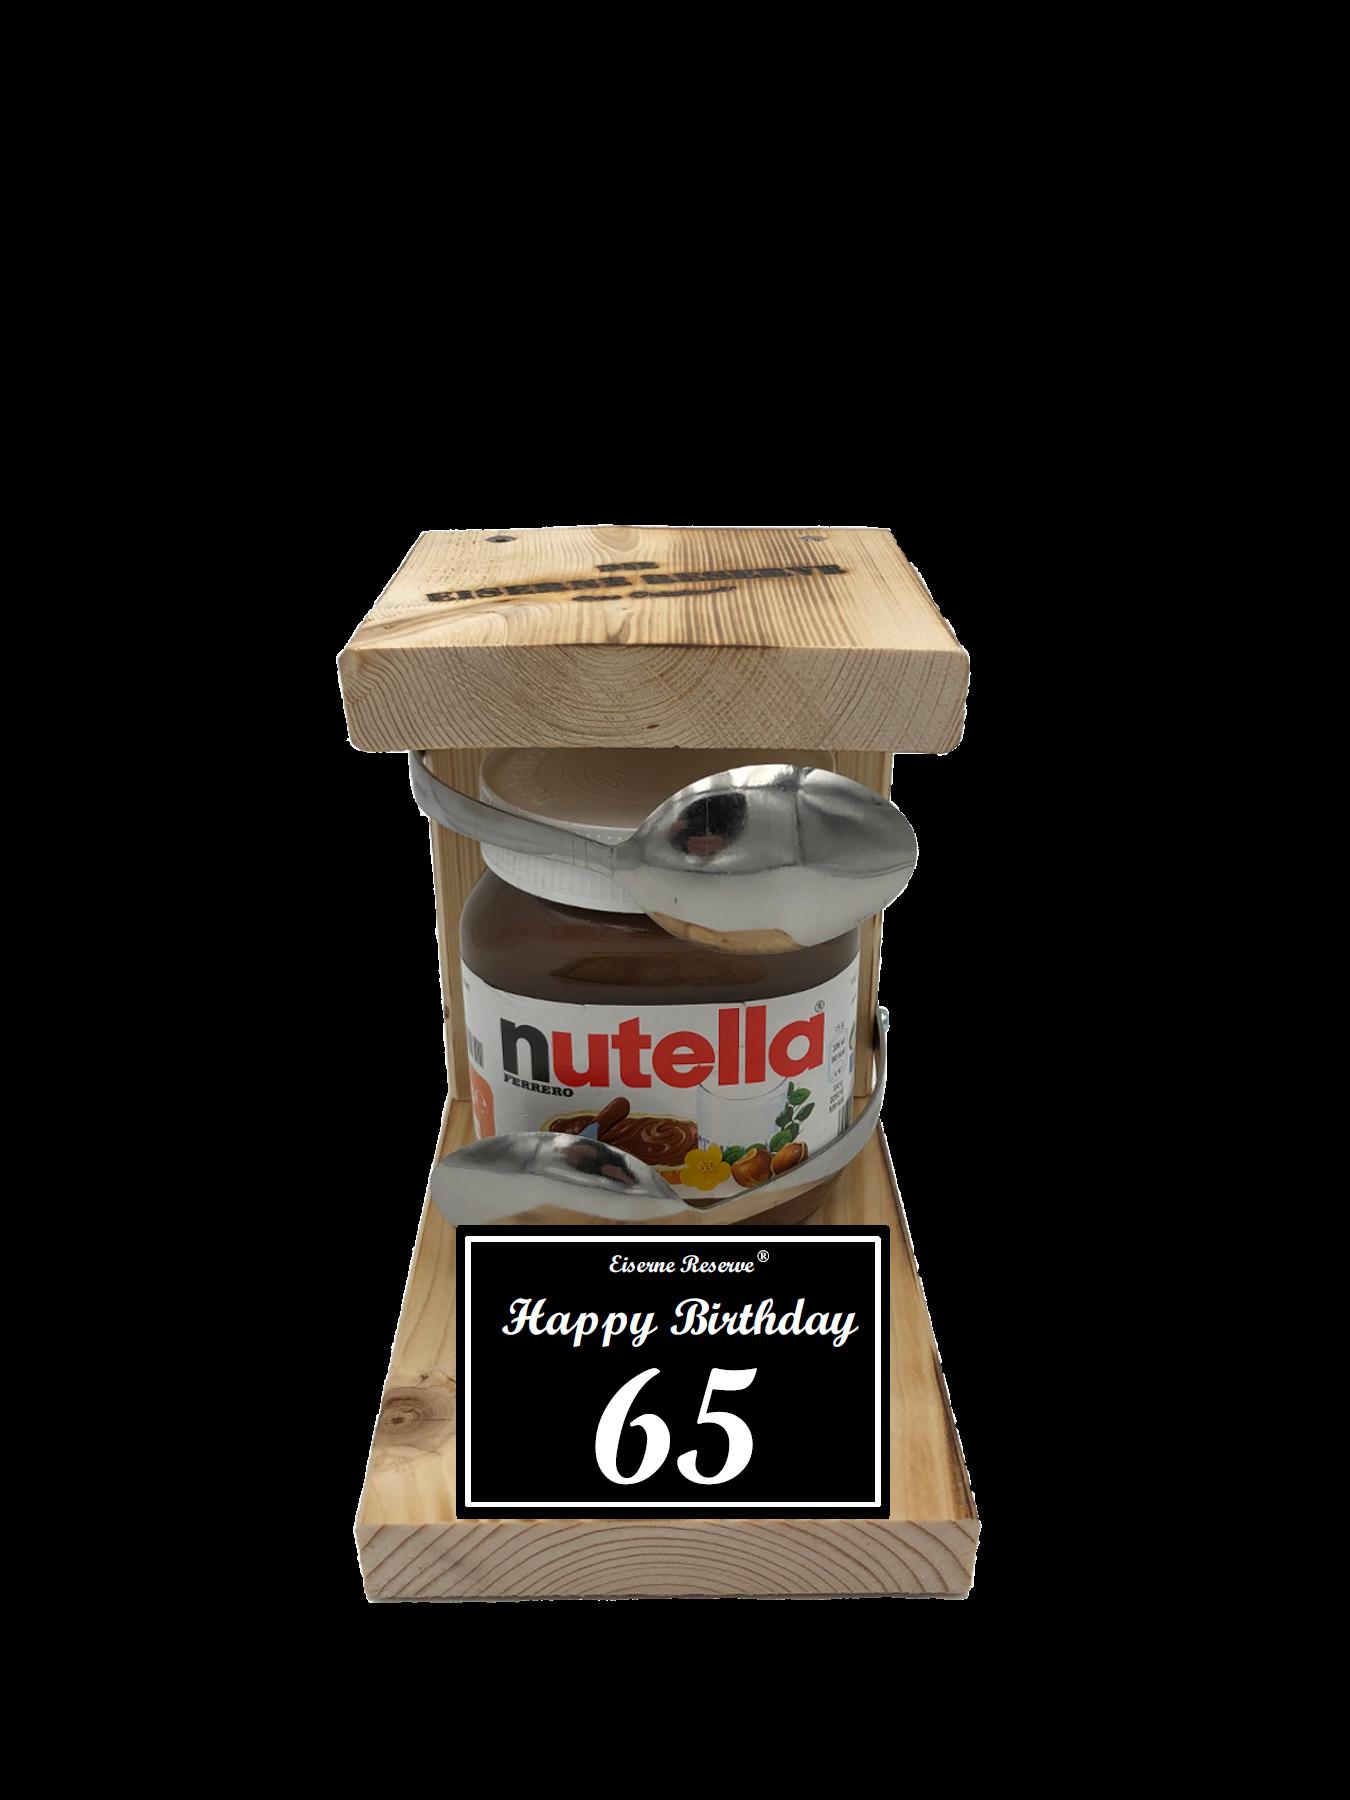 65 Happy Birthday Löffel Nutella Geschenk - Die Nutella Geschenkidee